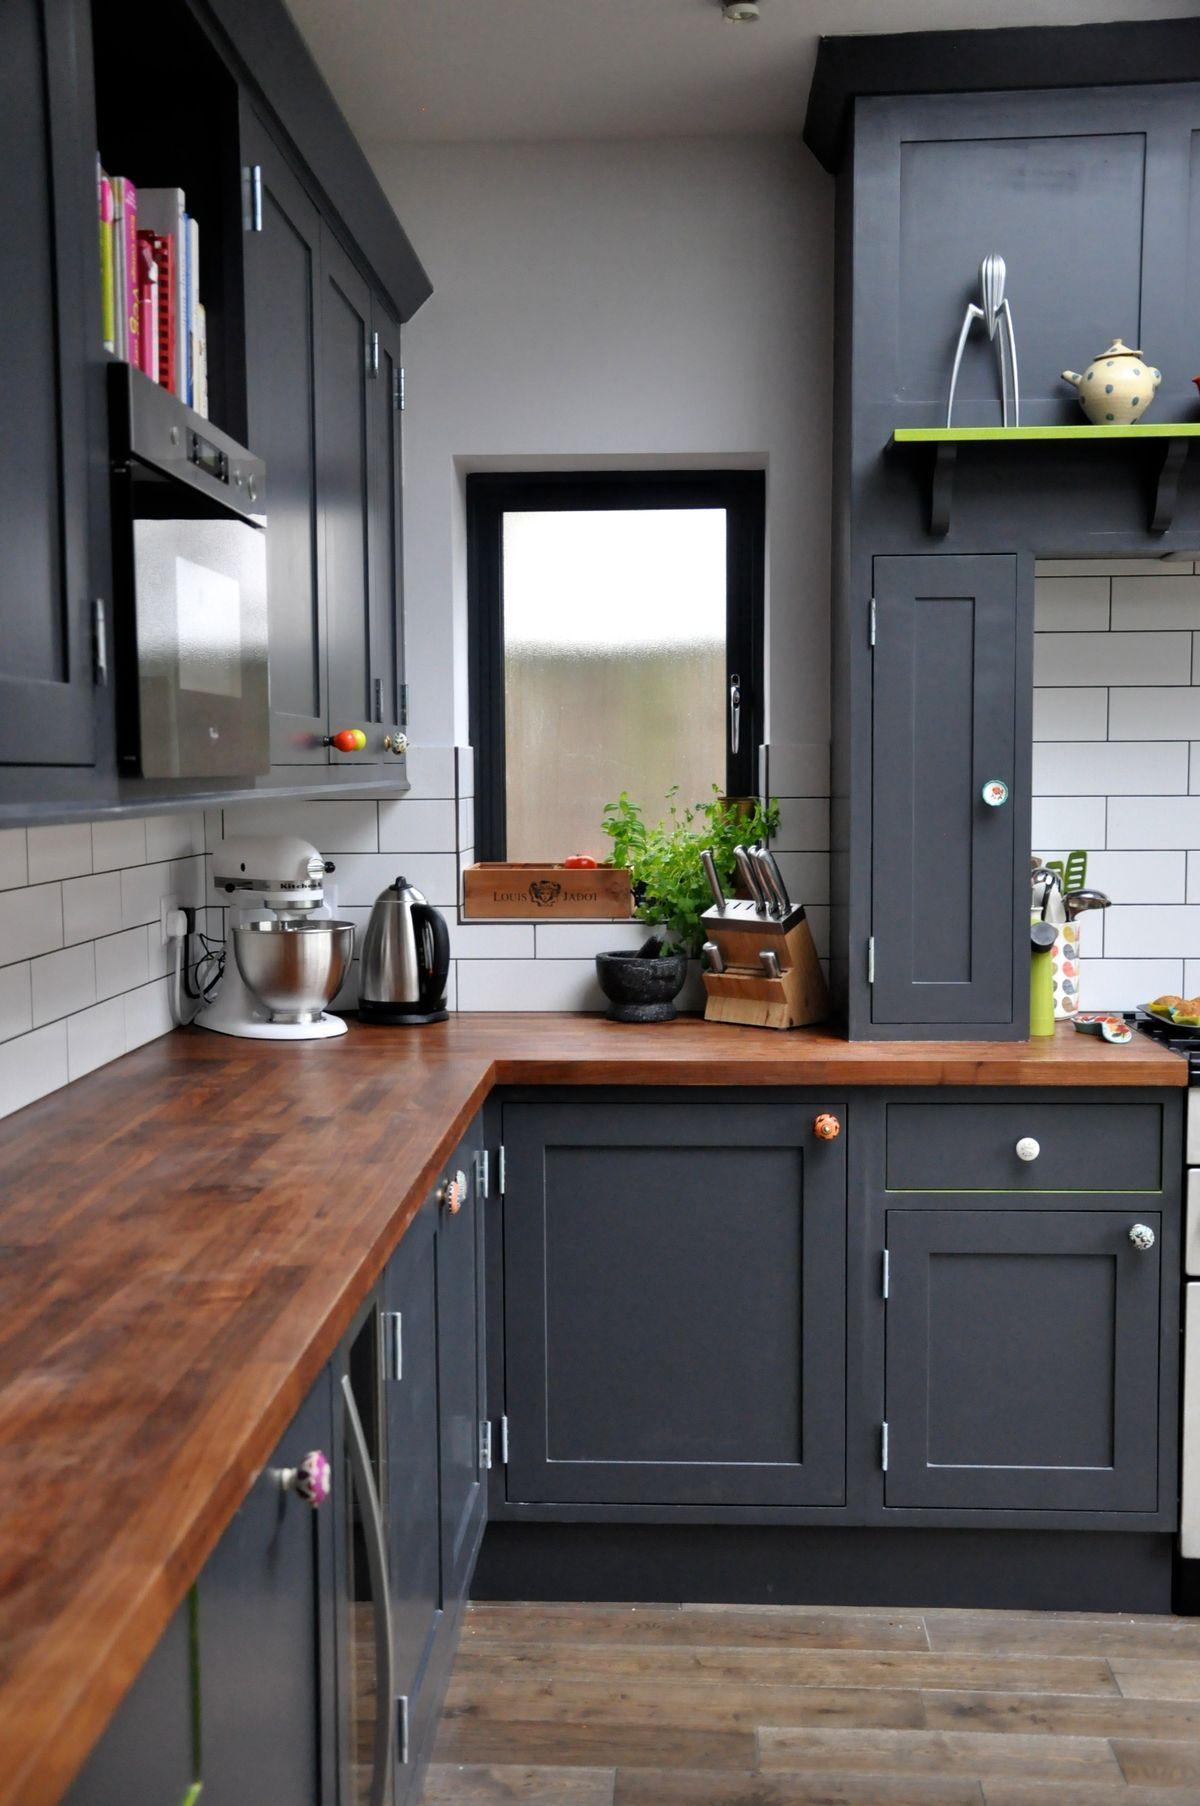 Kleine esszimmer ideen grau pin von barbara aus der füntem auf wohnen  pinterest  haus küchen